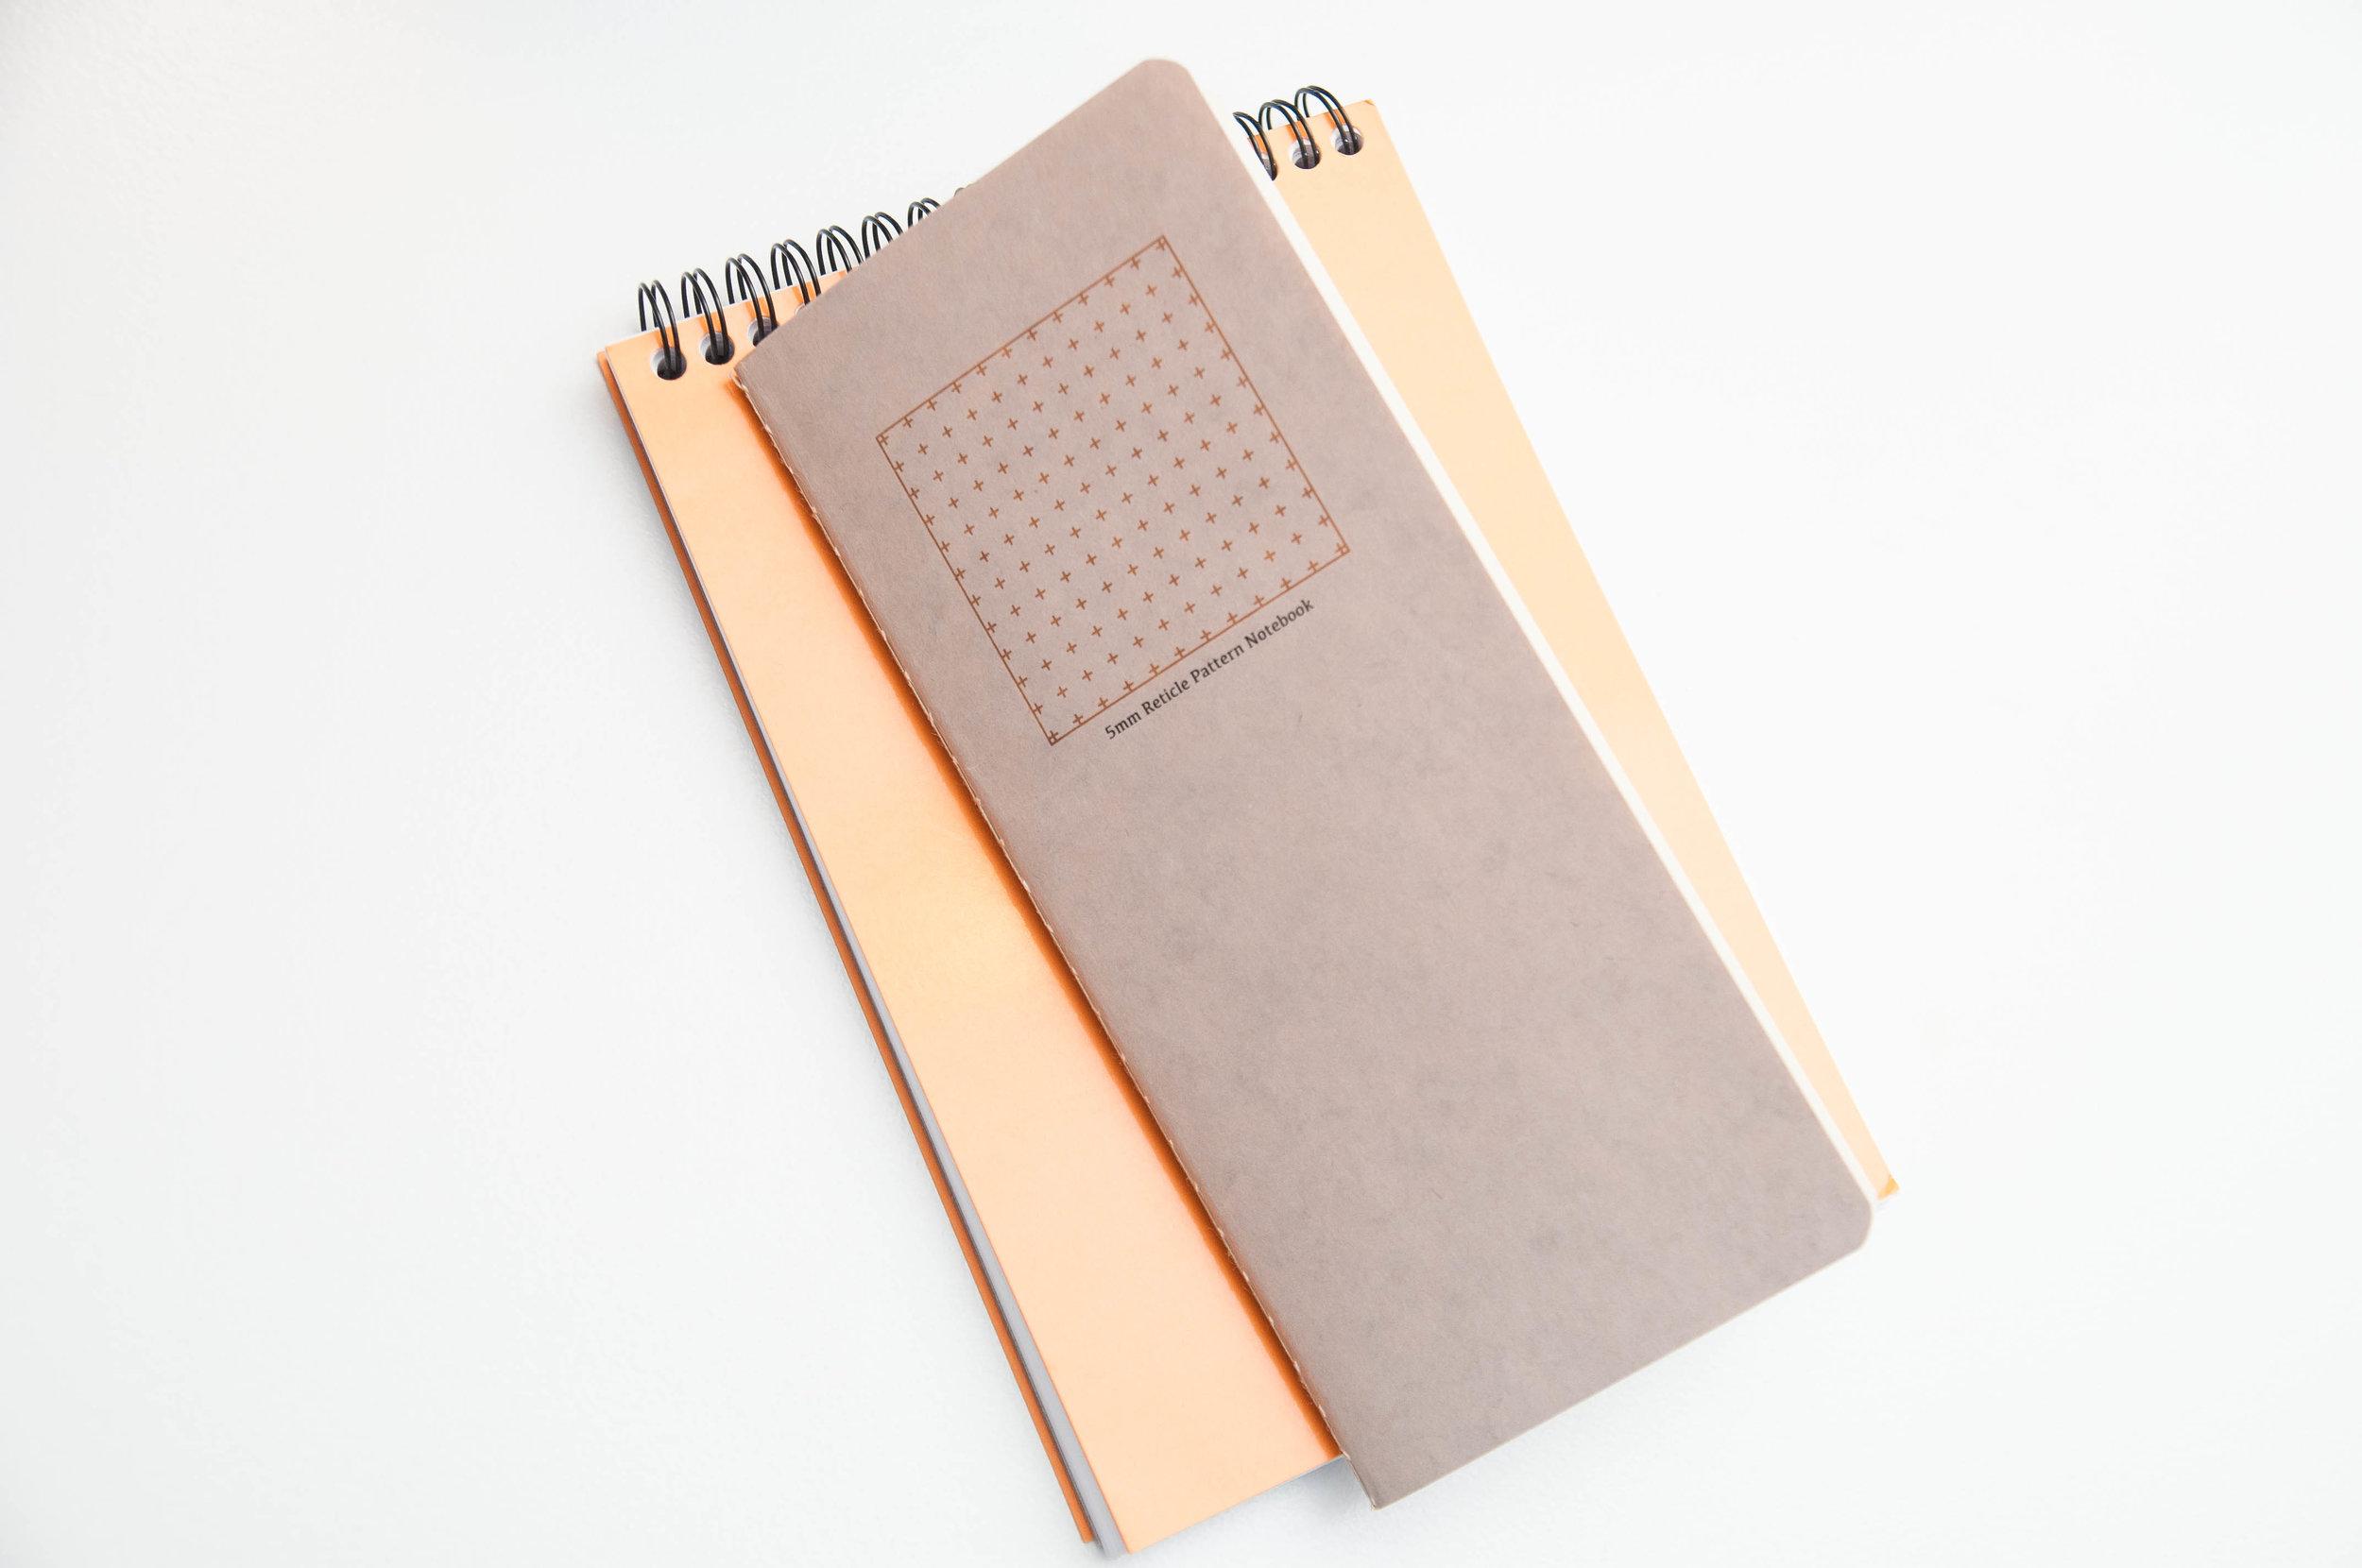 Yamamoto Ro-Biki Reticle Notebook